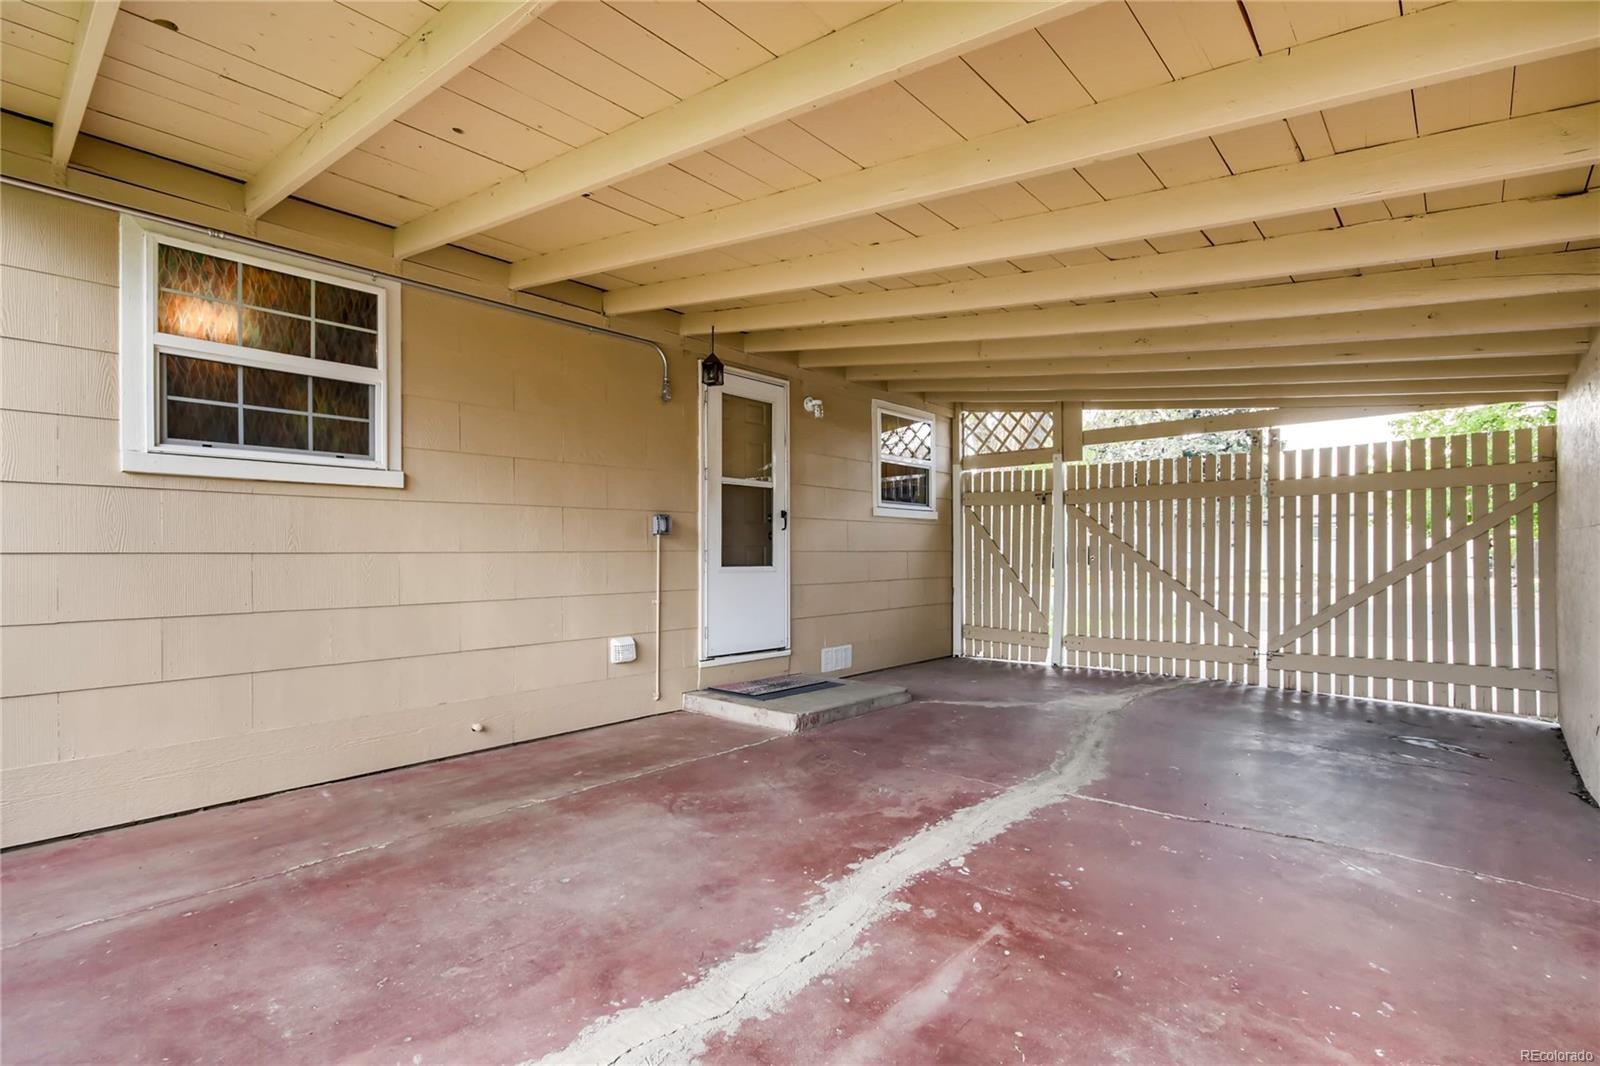 MLS# 4602947 - 25 - 966 Kramer Court, Aurora, CO 80010